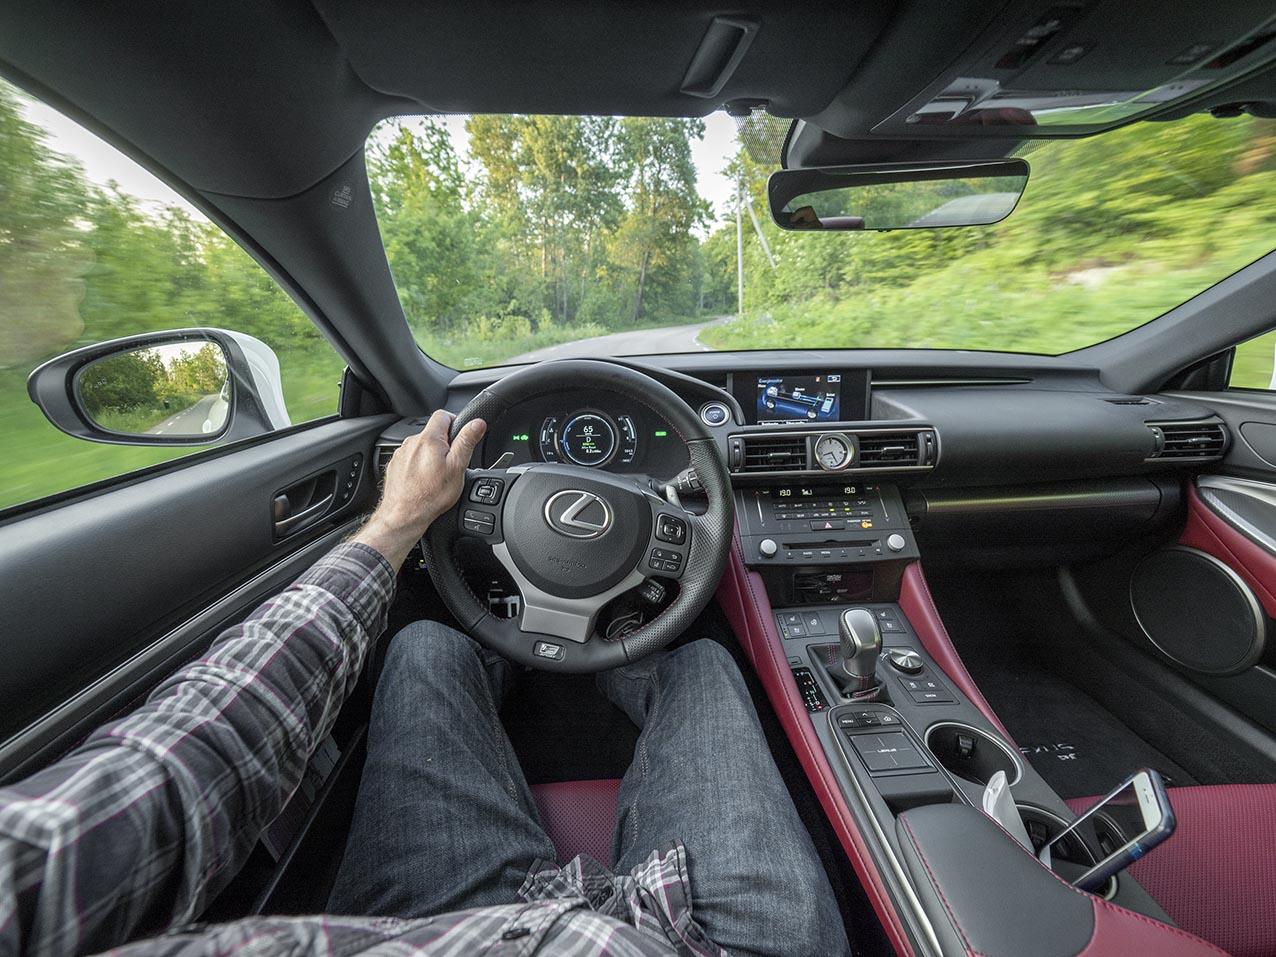 Lexus RC 300h. Förarens arbetsmiljö